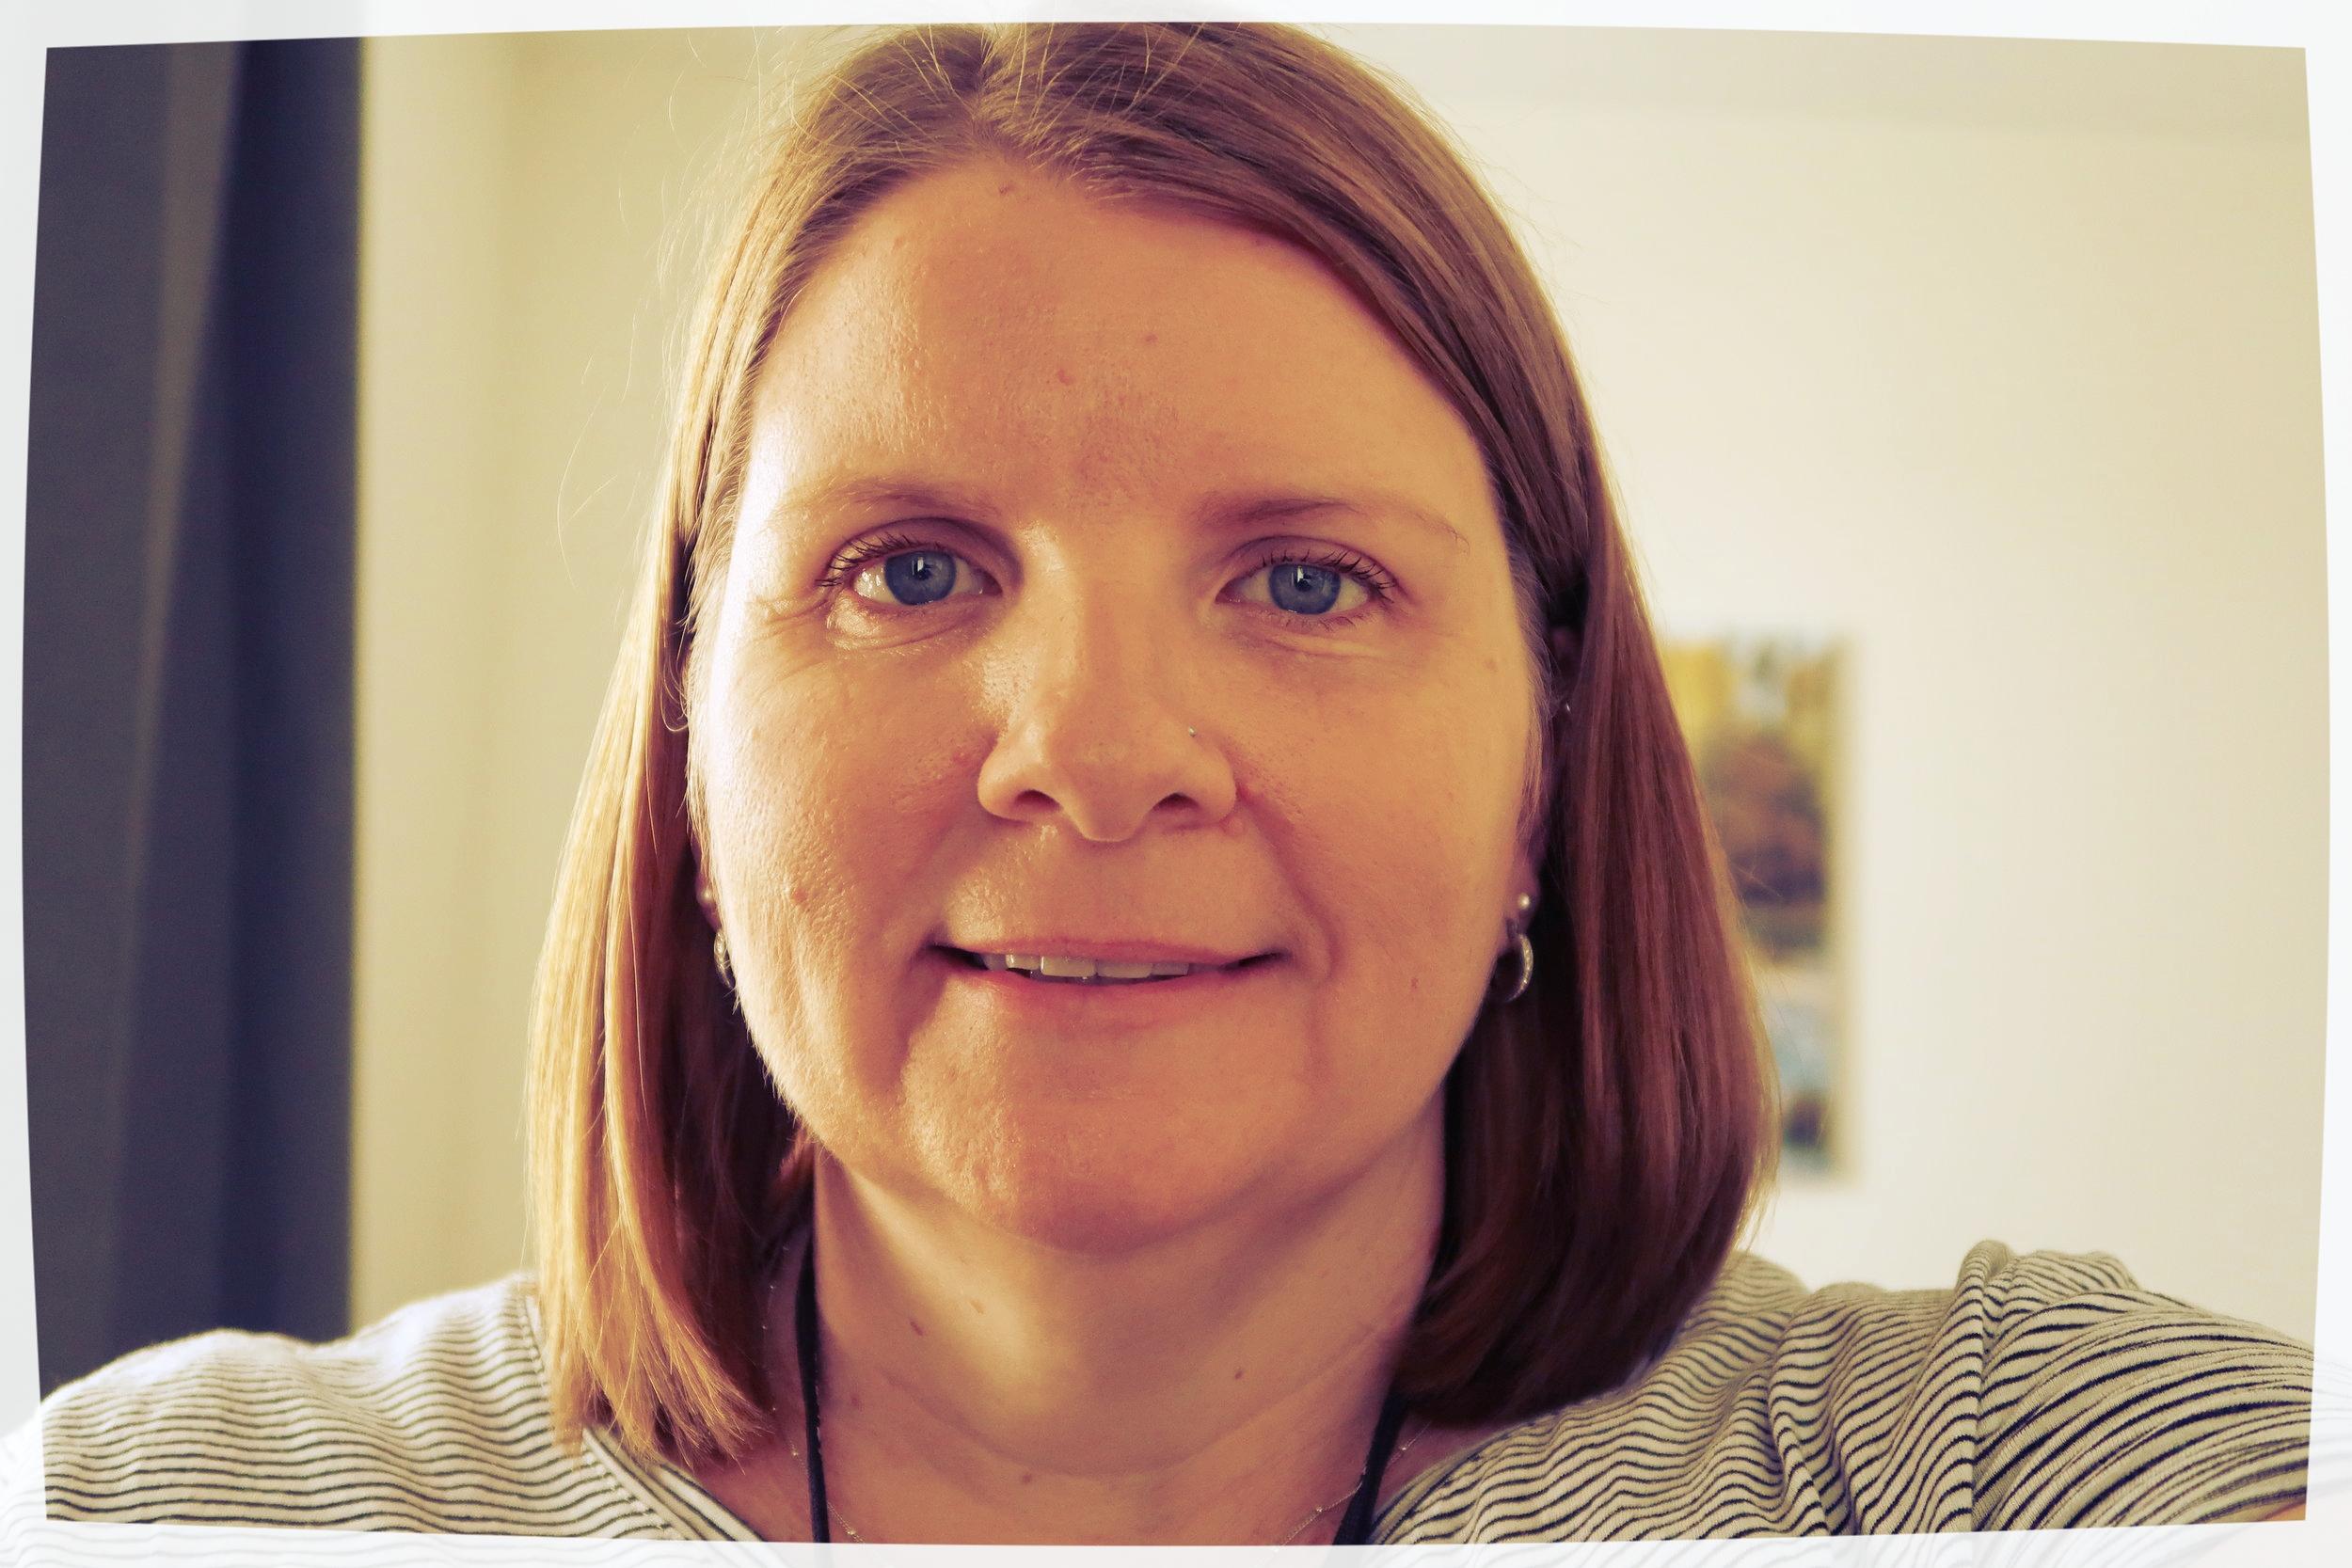 Renae Skoczylas, research engineer